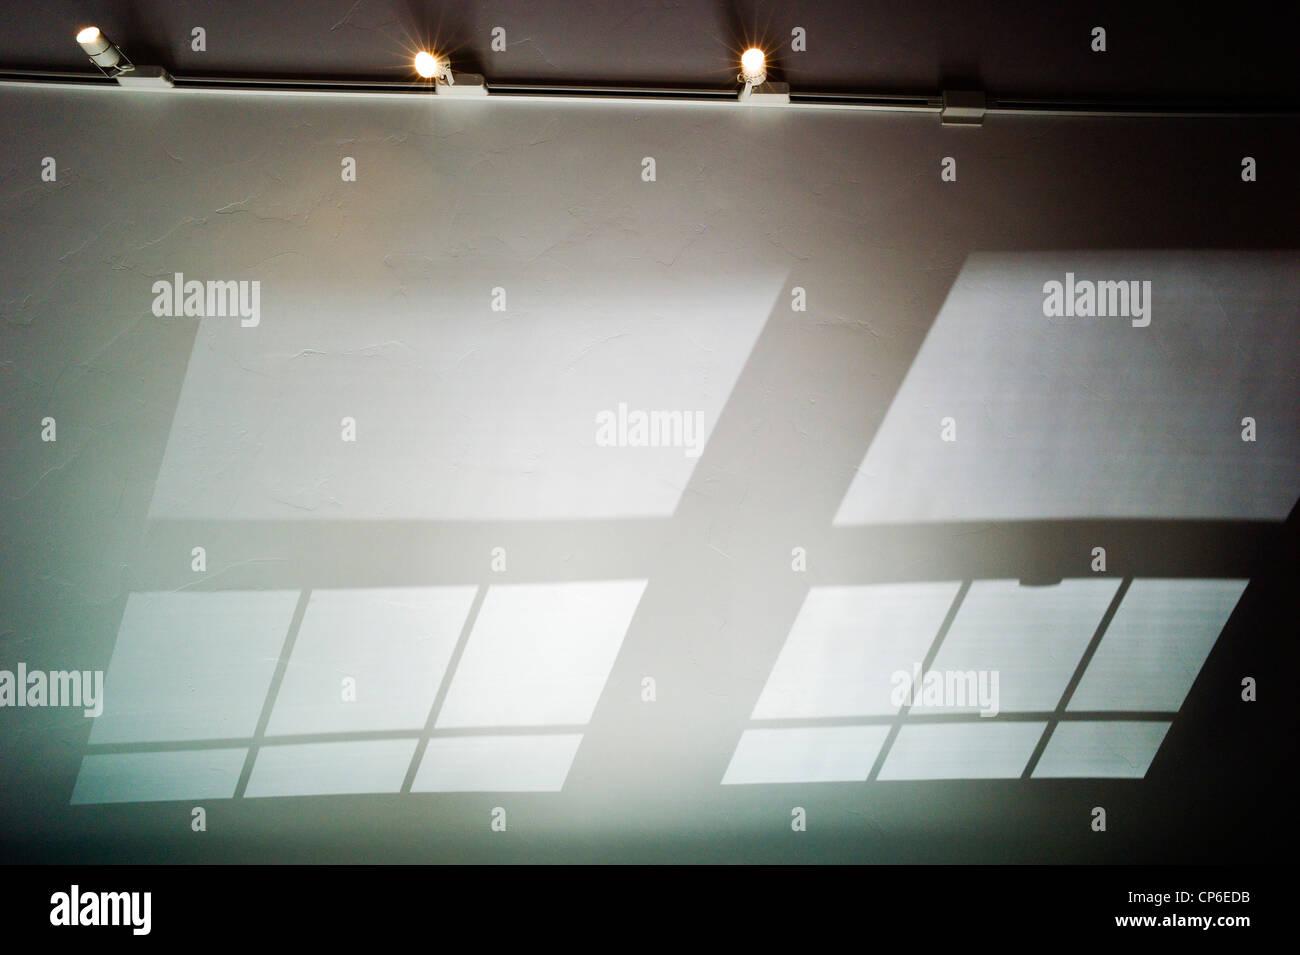 Réflexions, les ombres et les modes fenêtre moulé sur le plafond voûté d'un bureau Photo Stock